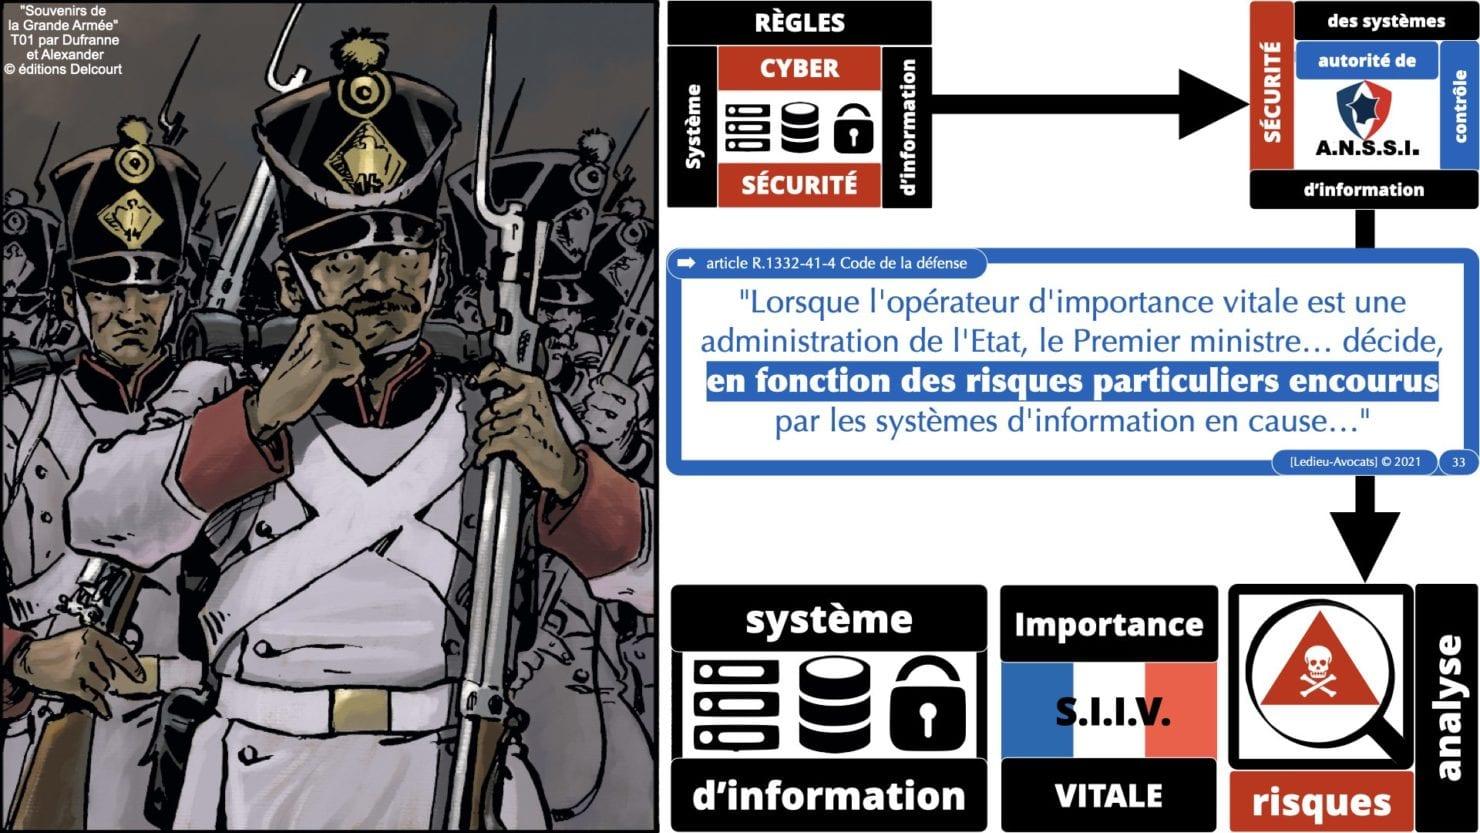 342 cyber sécurité #2 OIV OSE analyse risque EBIOS RM © Ledieu-avocat 15-07-2021.033